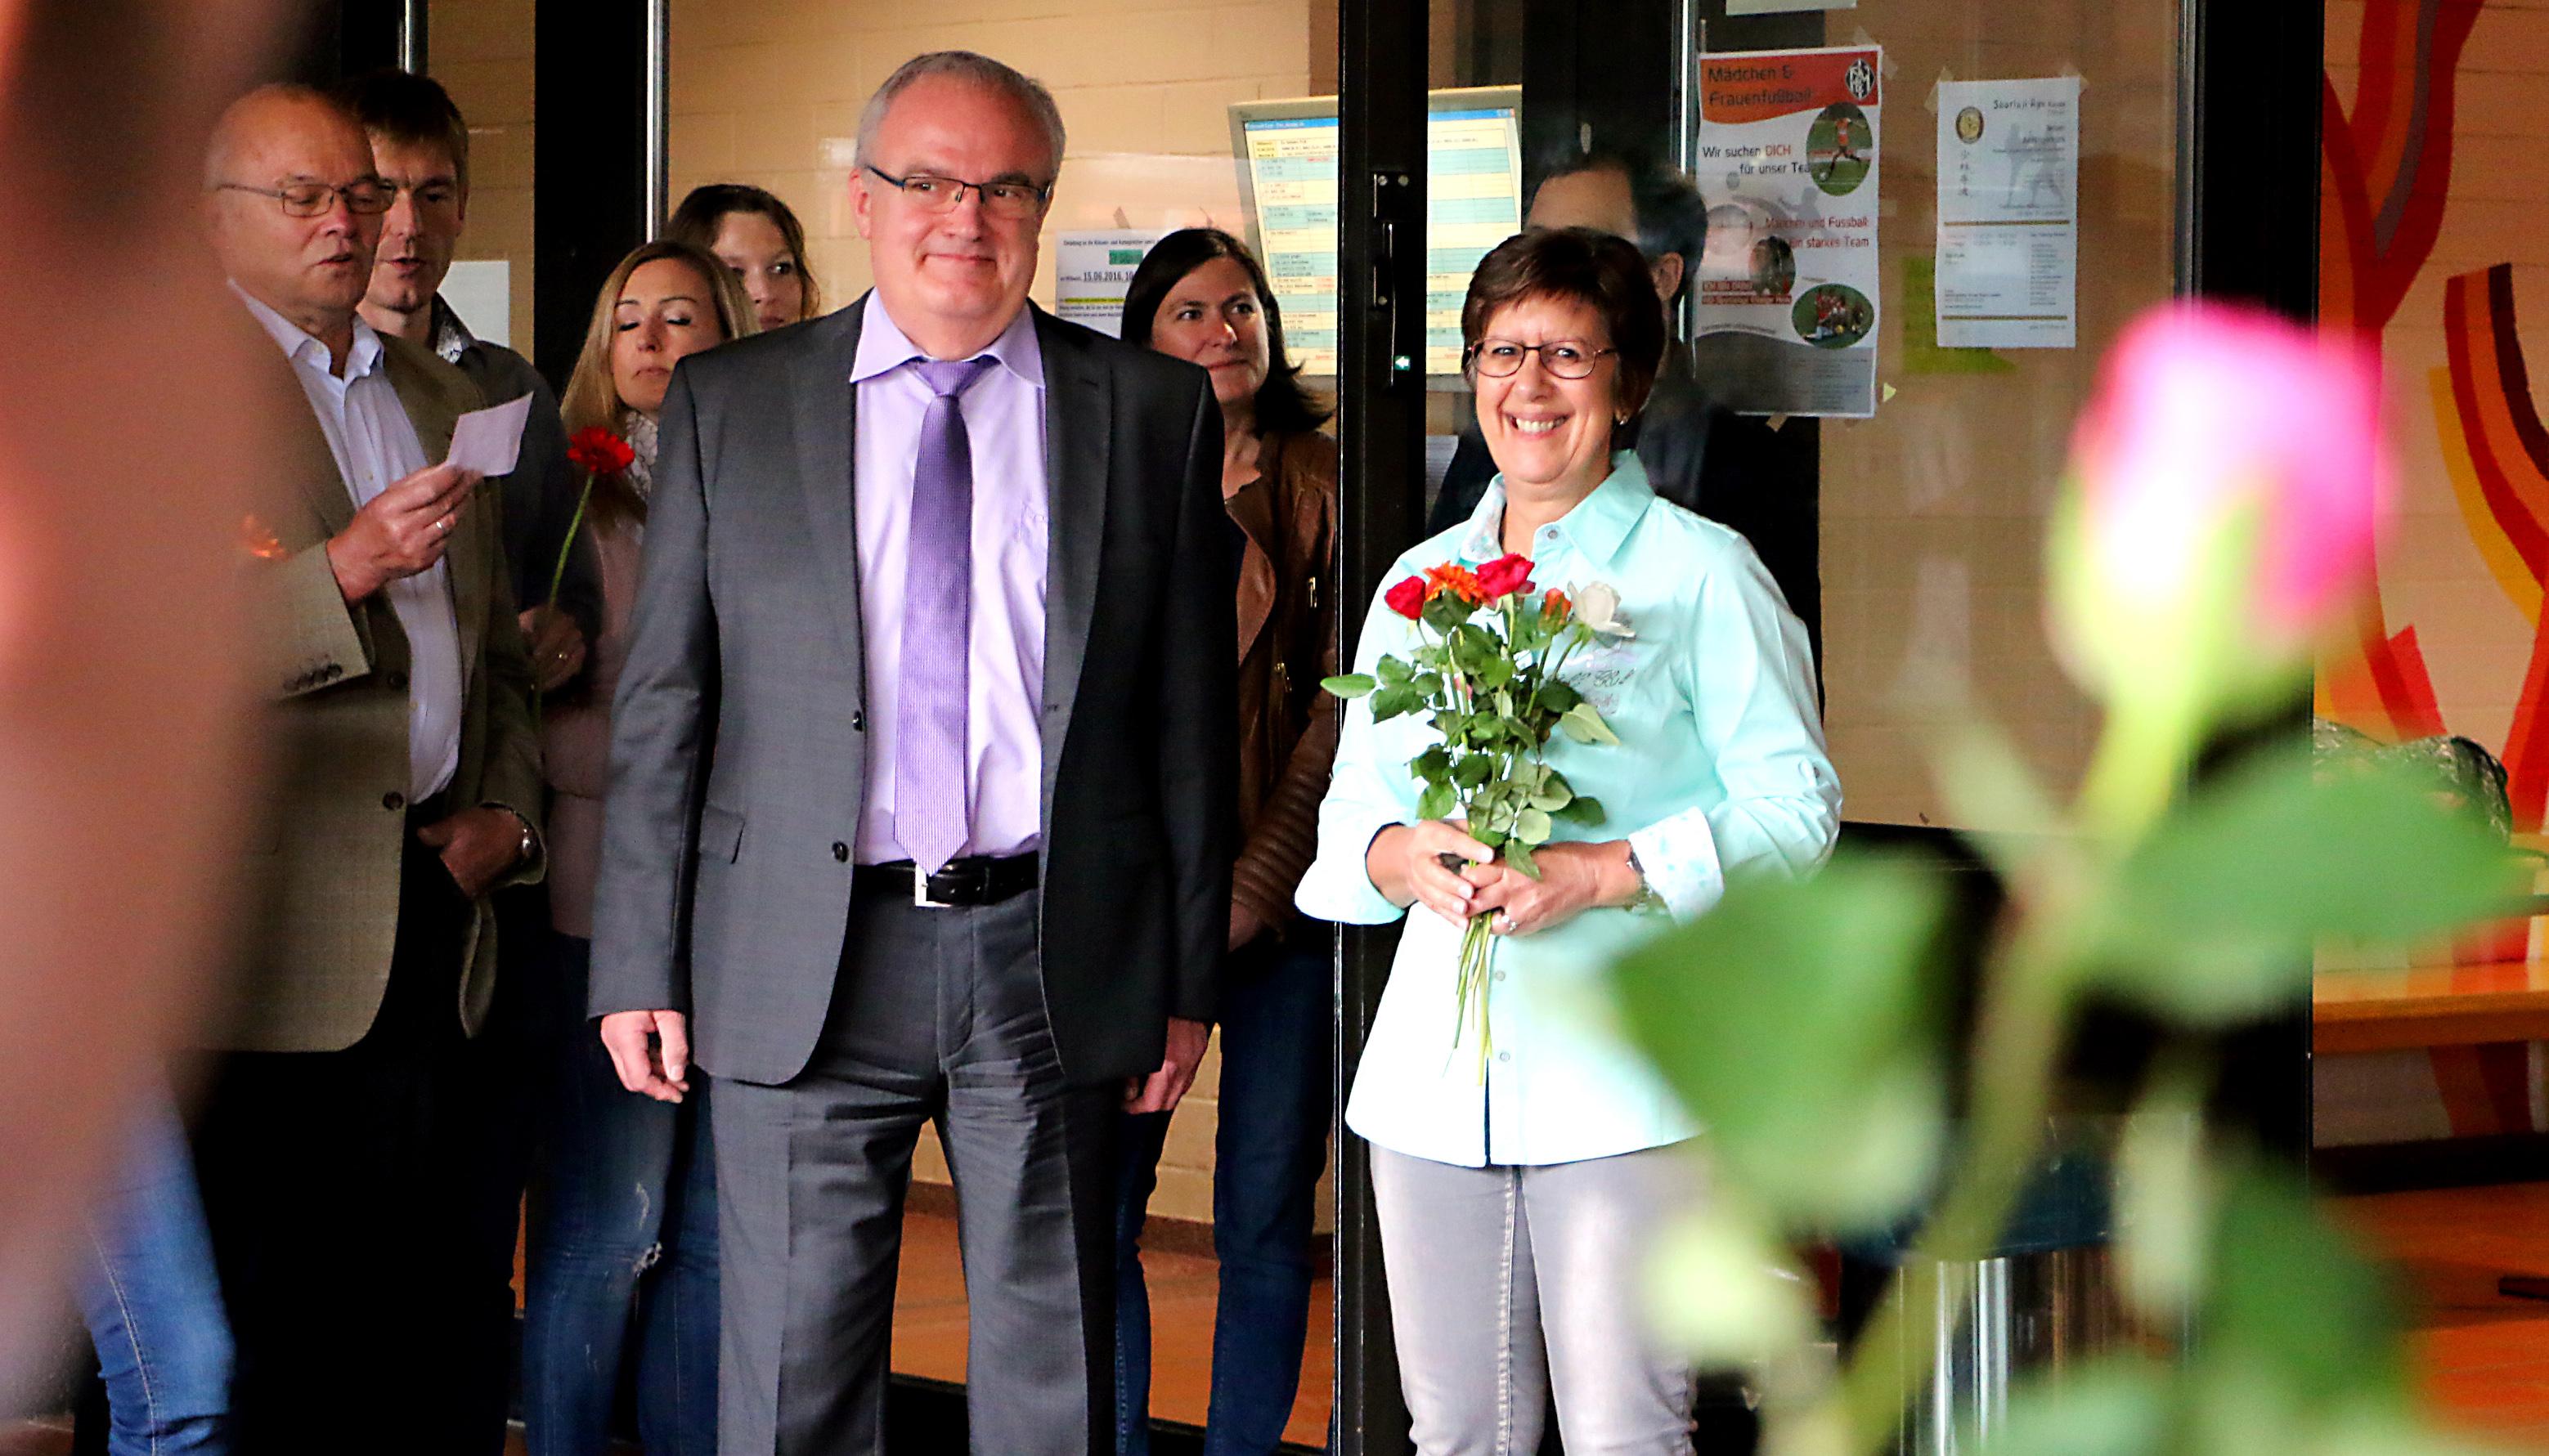 Friedrich spee gymnasium trier blumen zum abschied von for Uberraschung zum ruhestand